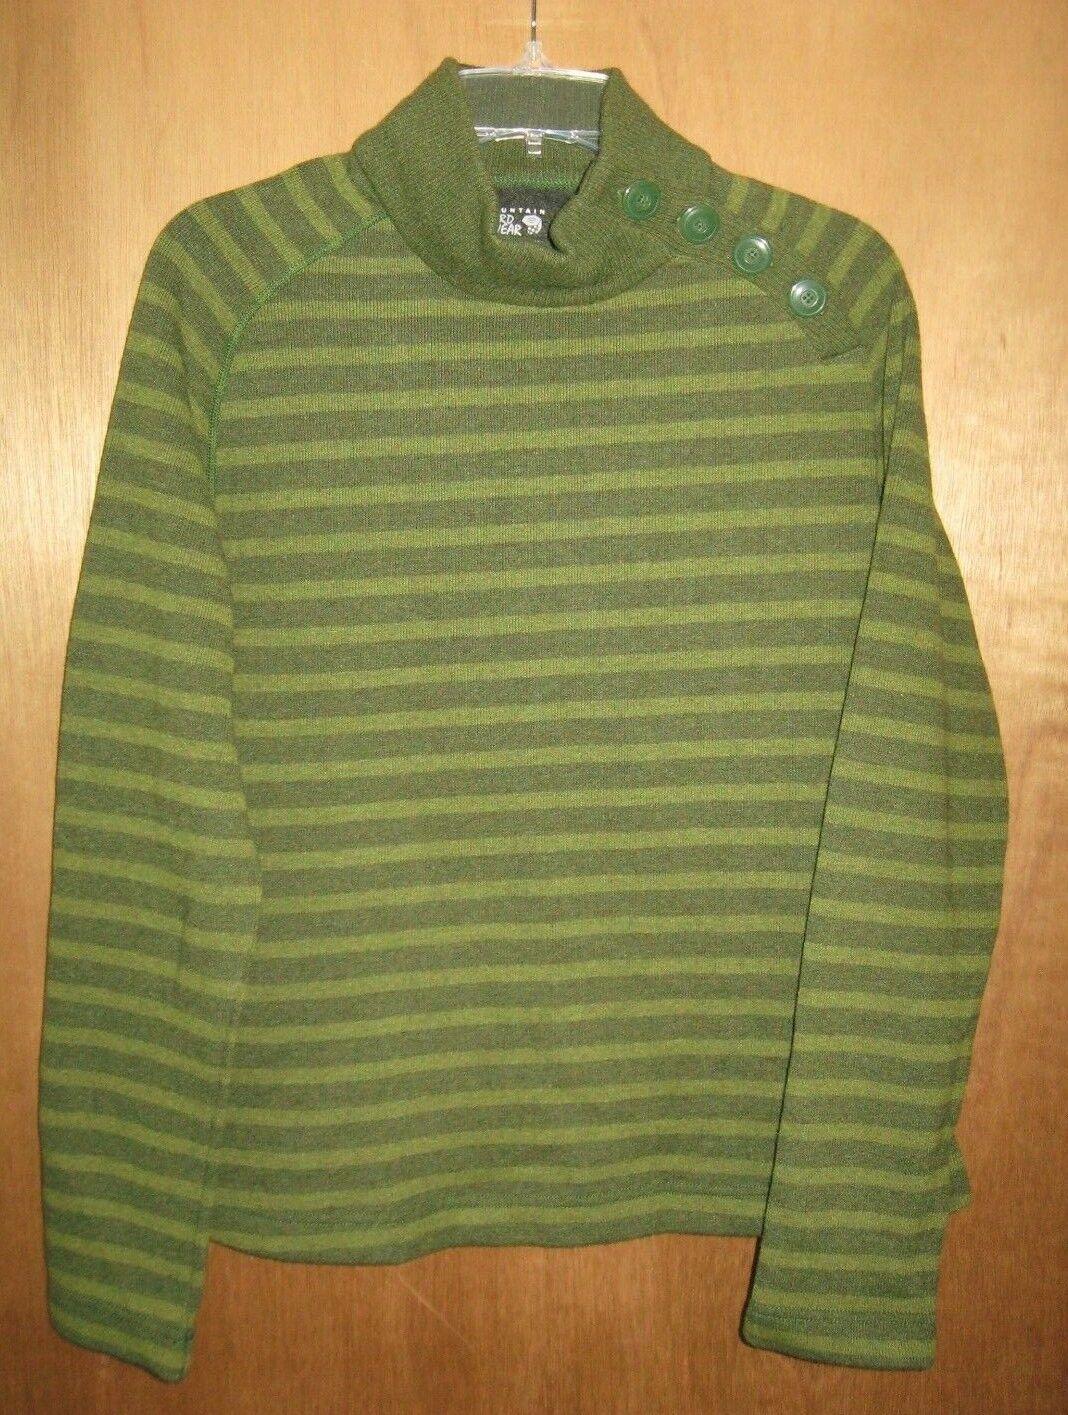 New Mountain HardWear Women's Green Wool Blend Sweater - Size L